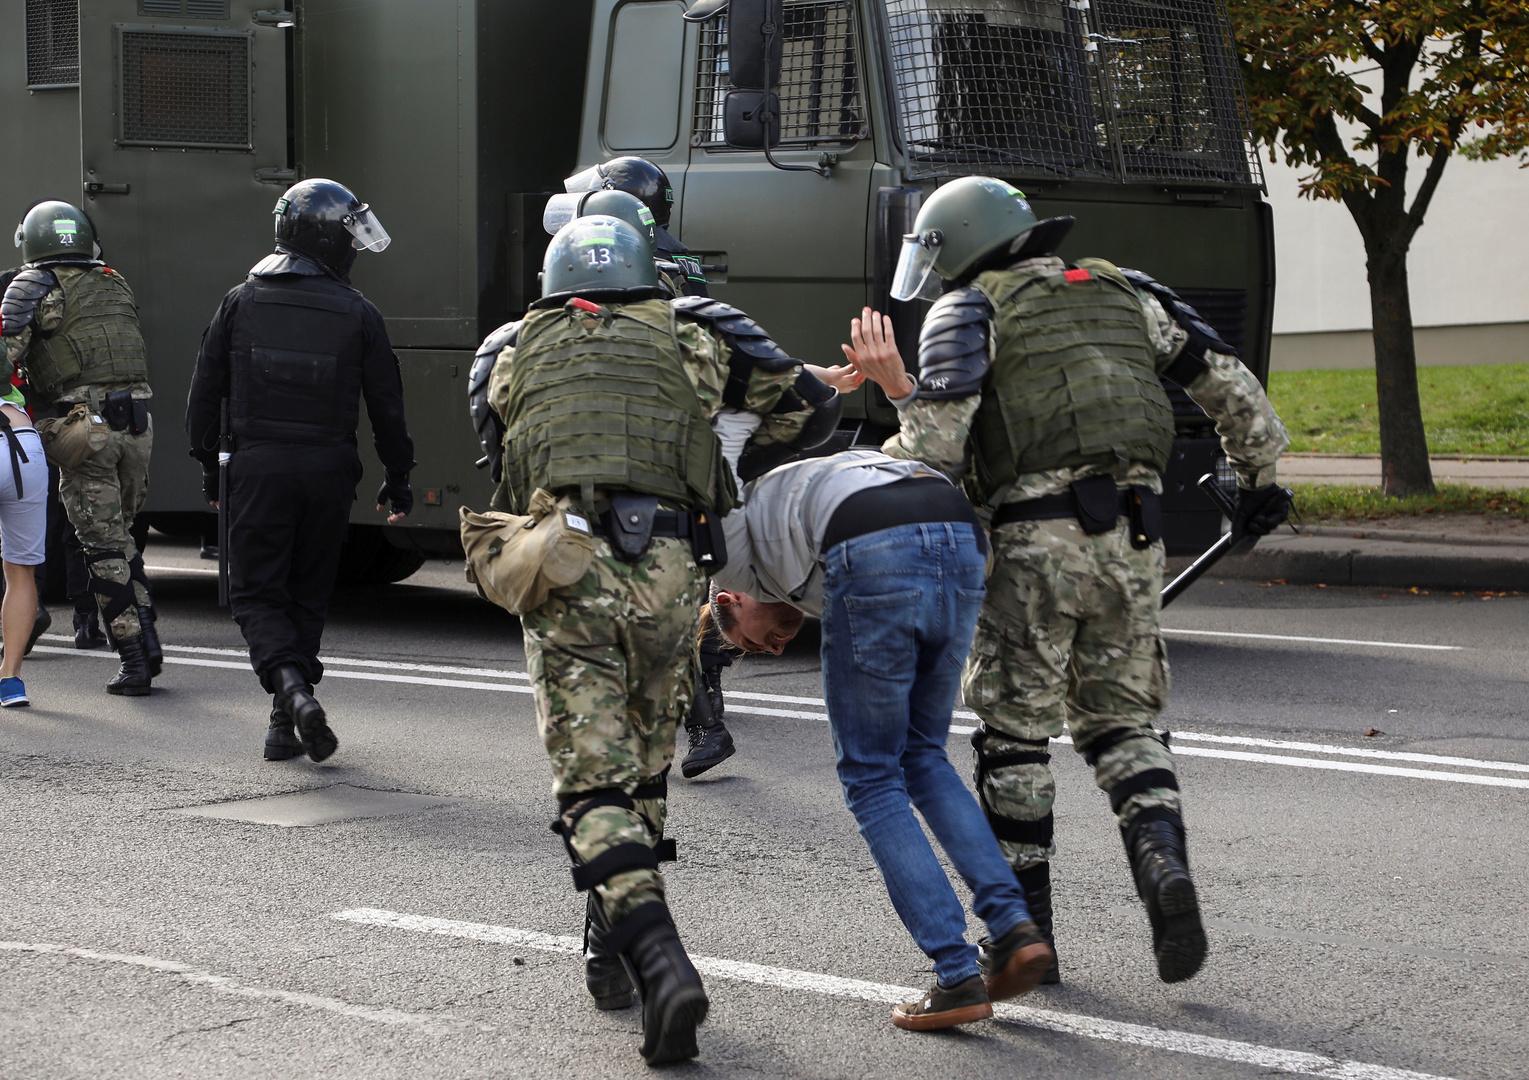 احتجاجات وسط عاصمة بيلاروس.. والشرطة توقف 250 شخصا